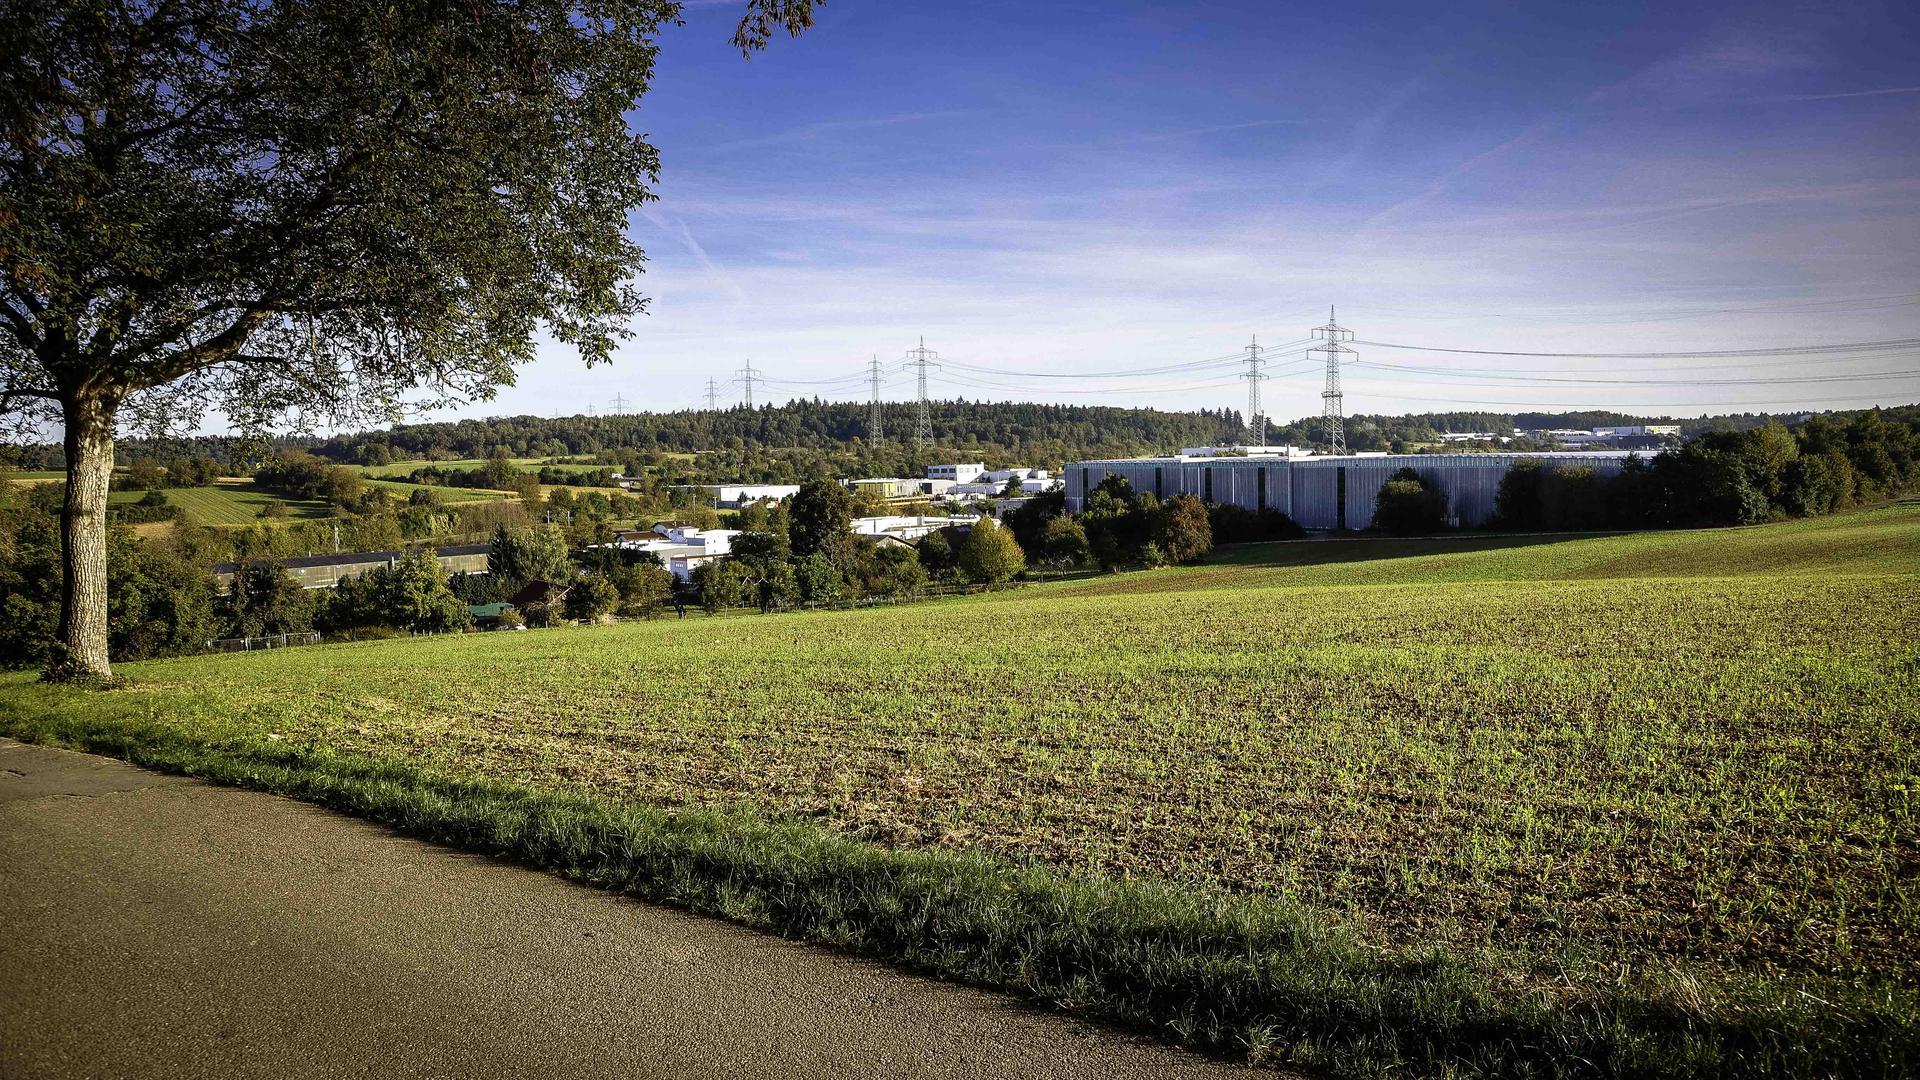 Im Flächenutzugsplan soll der 7. Erweiterungsabschnitt des Gölshausener Industriegebiets ausgewiesen werden angrenzend an das im Hintergrund zu sehende Firmengelände der Unidek.